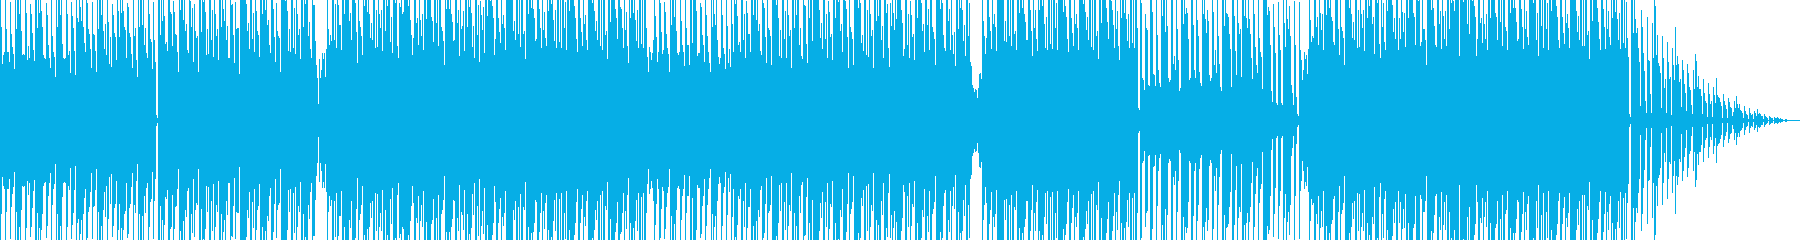 四つ打ちハウスミュージックの再生済みの波形